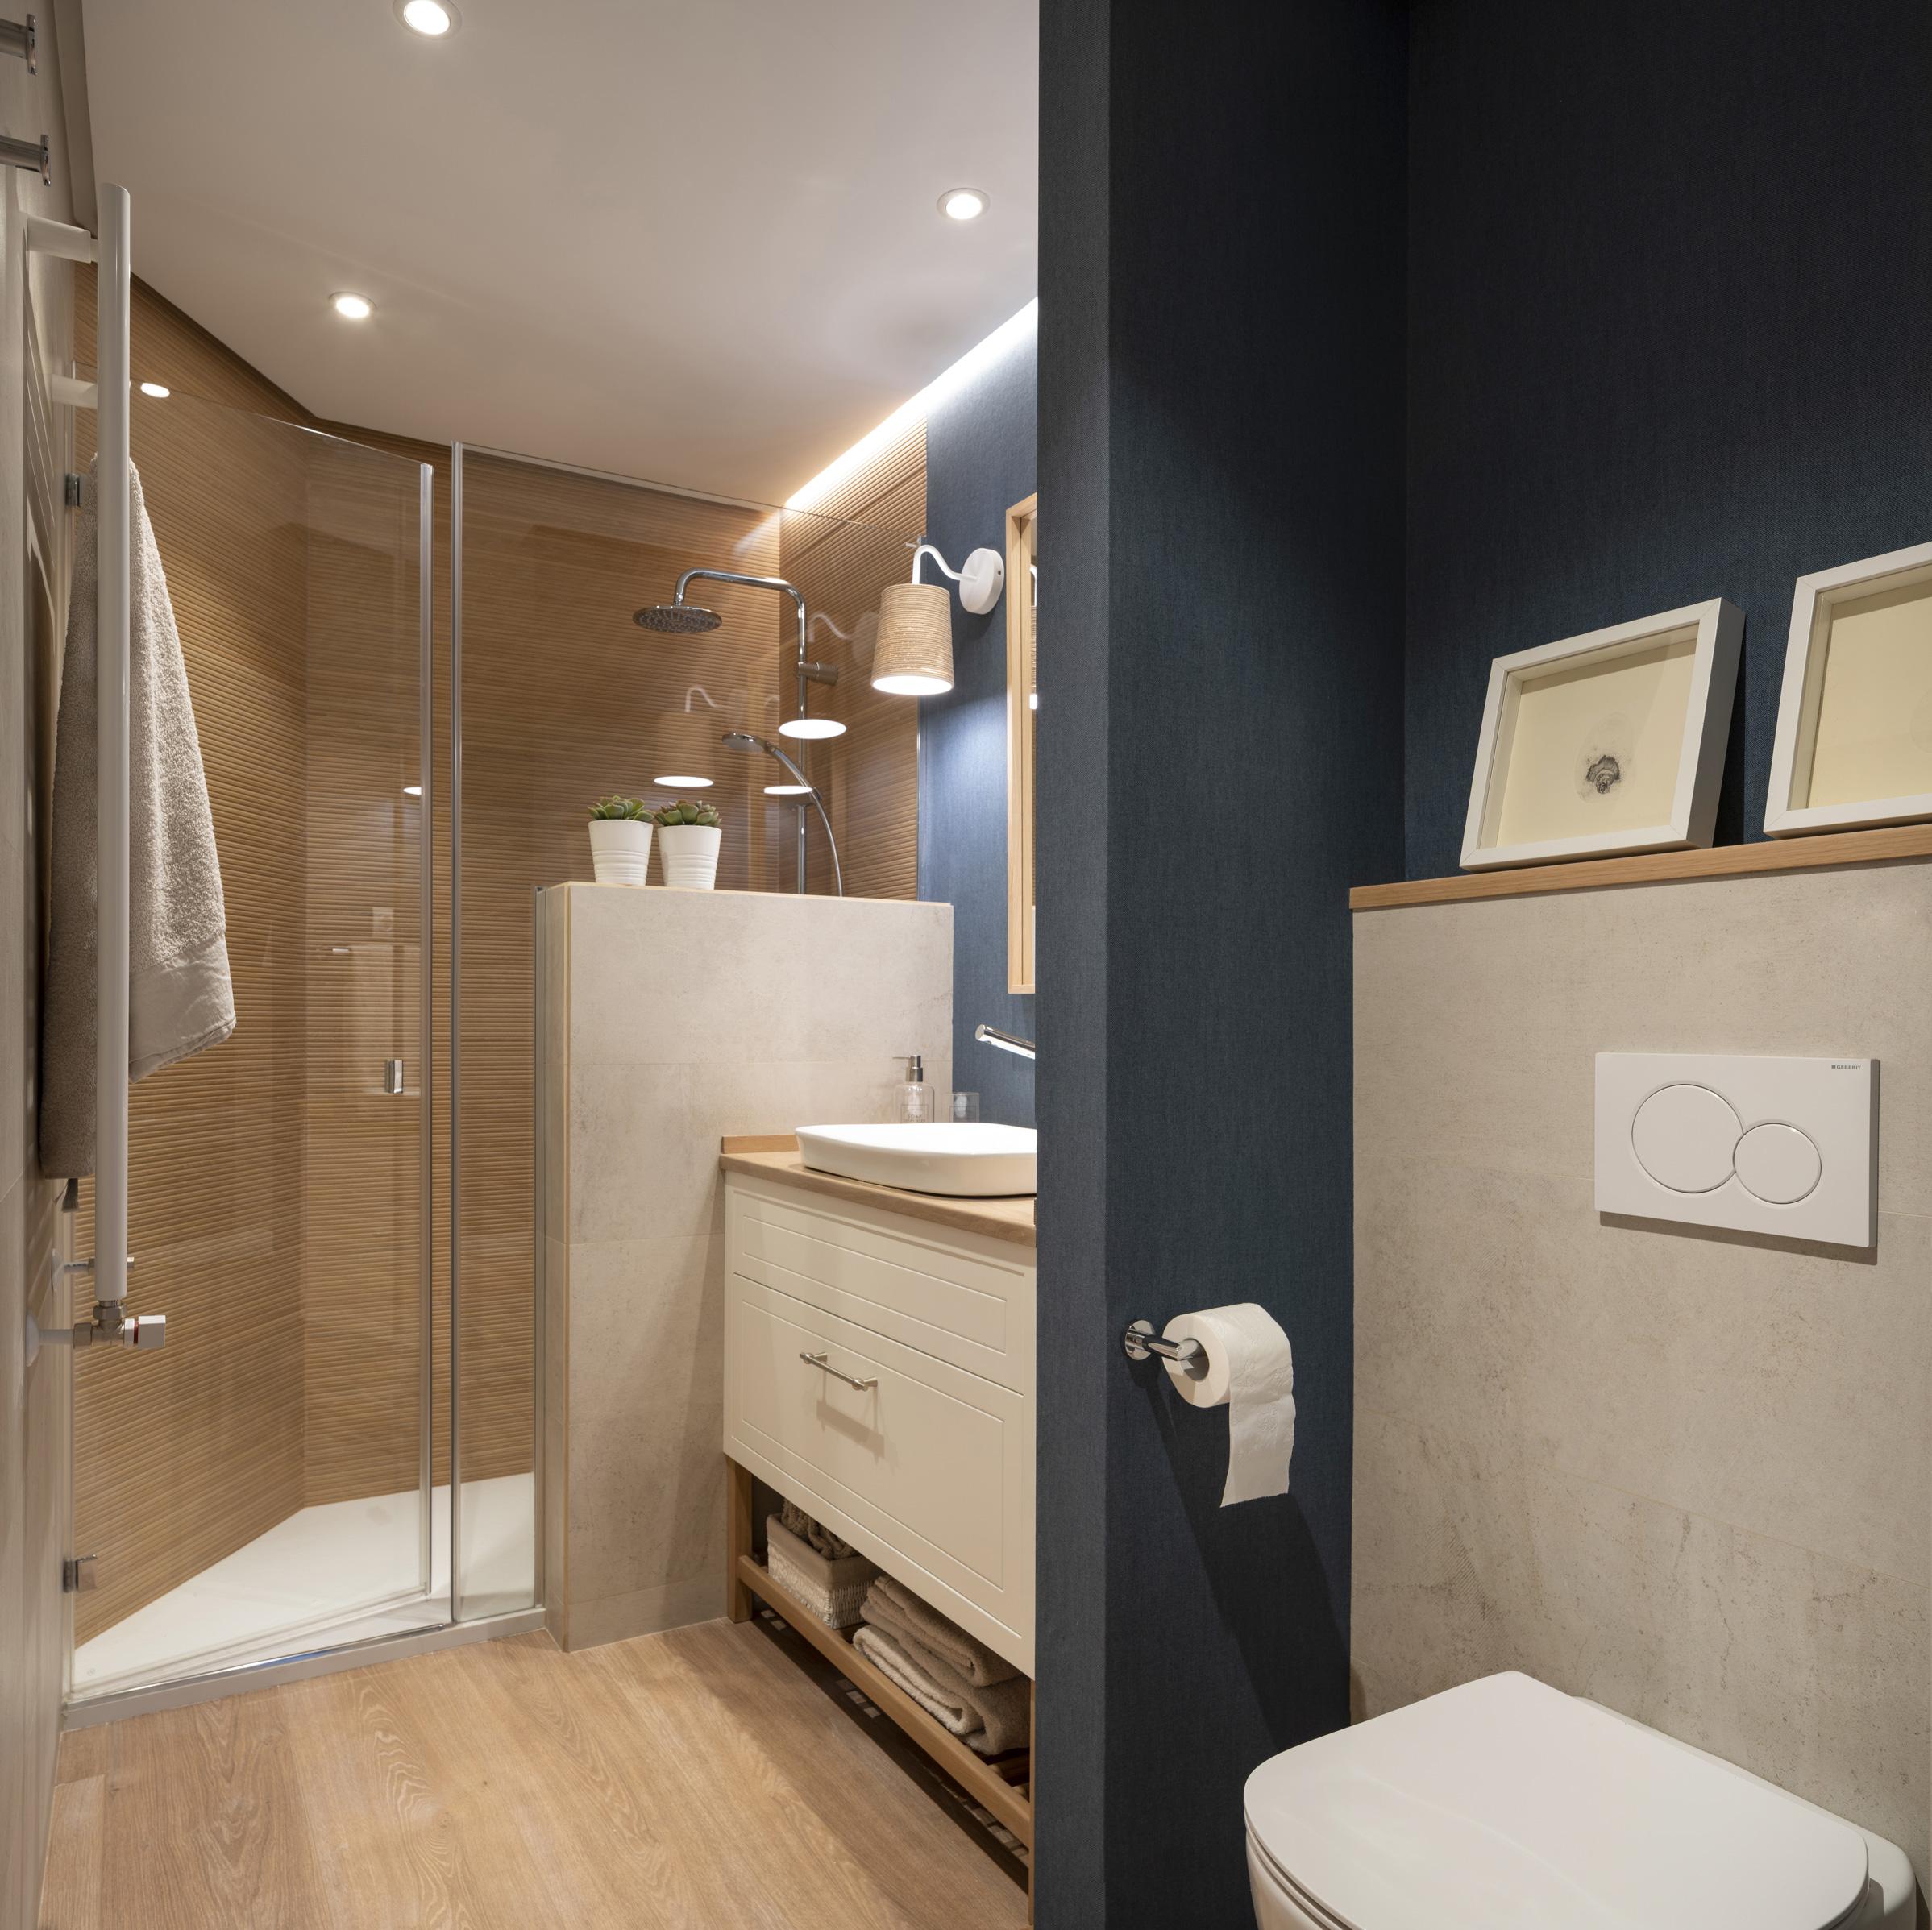 Diseño de cuarto de baño - Sube Interiorismo